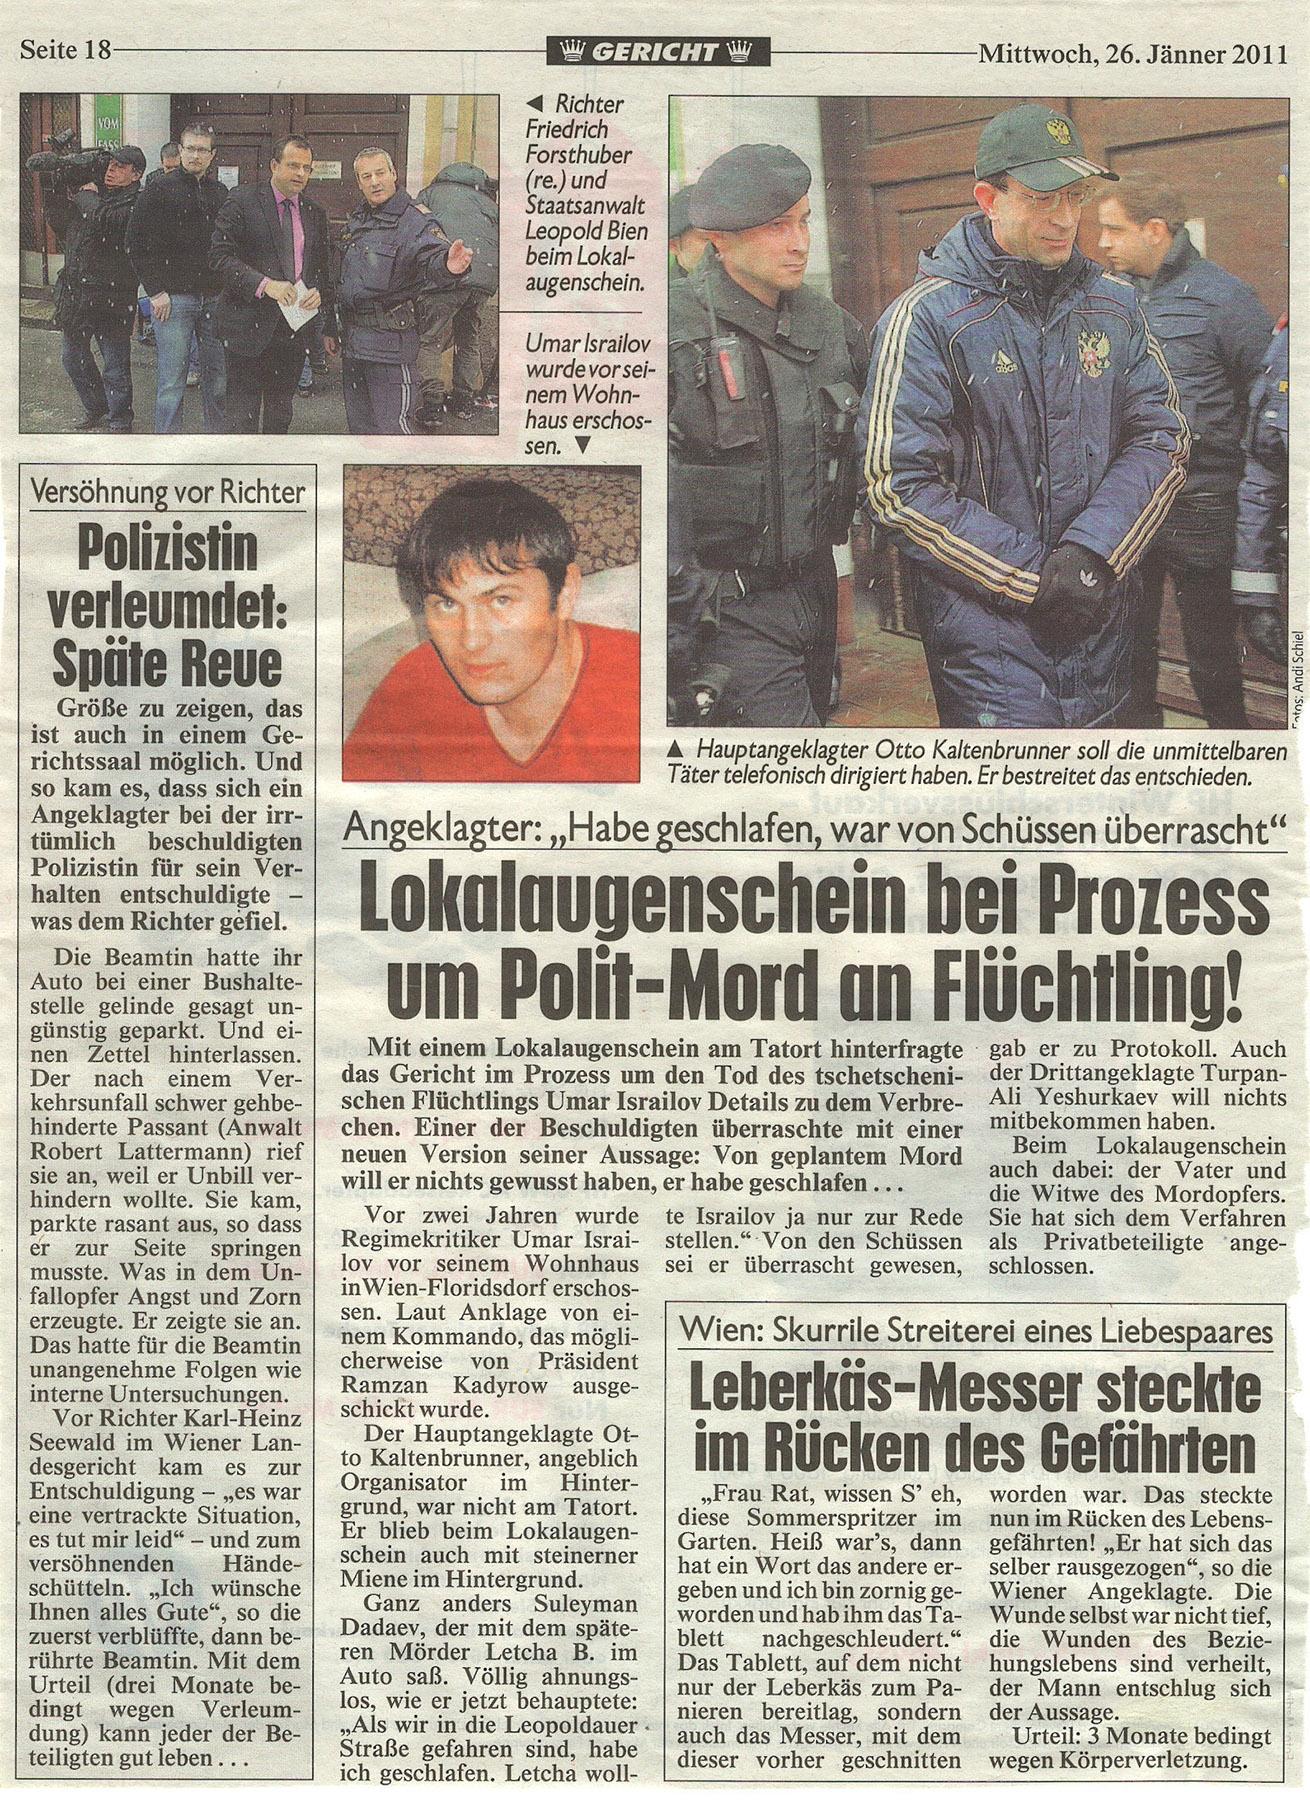 26. Januar 2011 © Krone